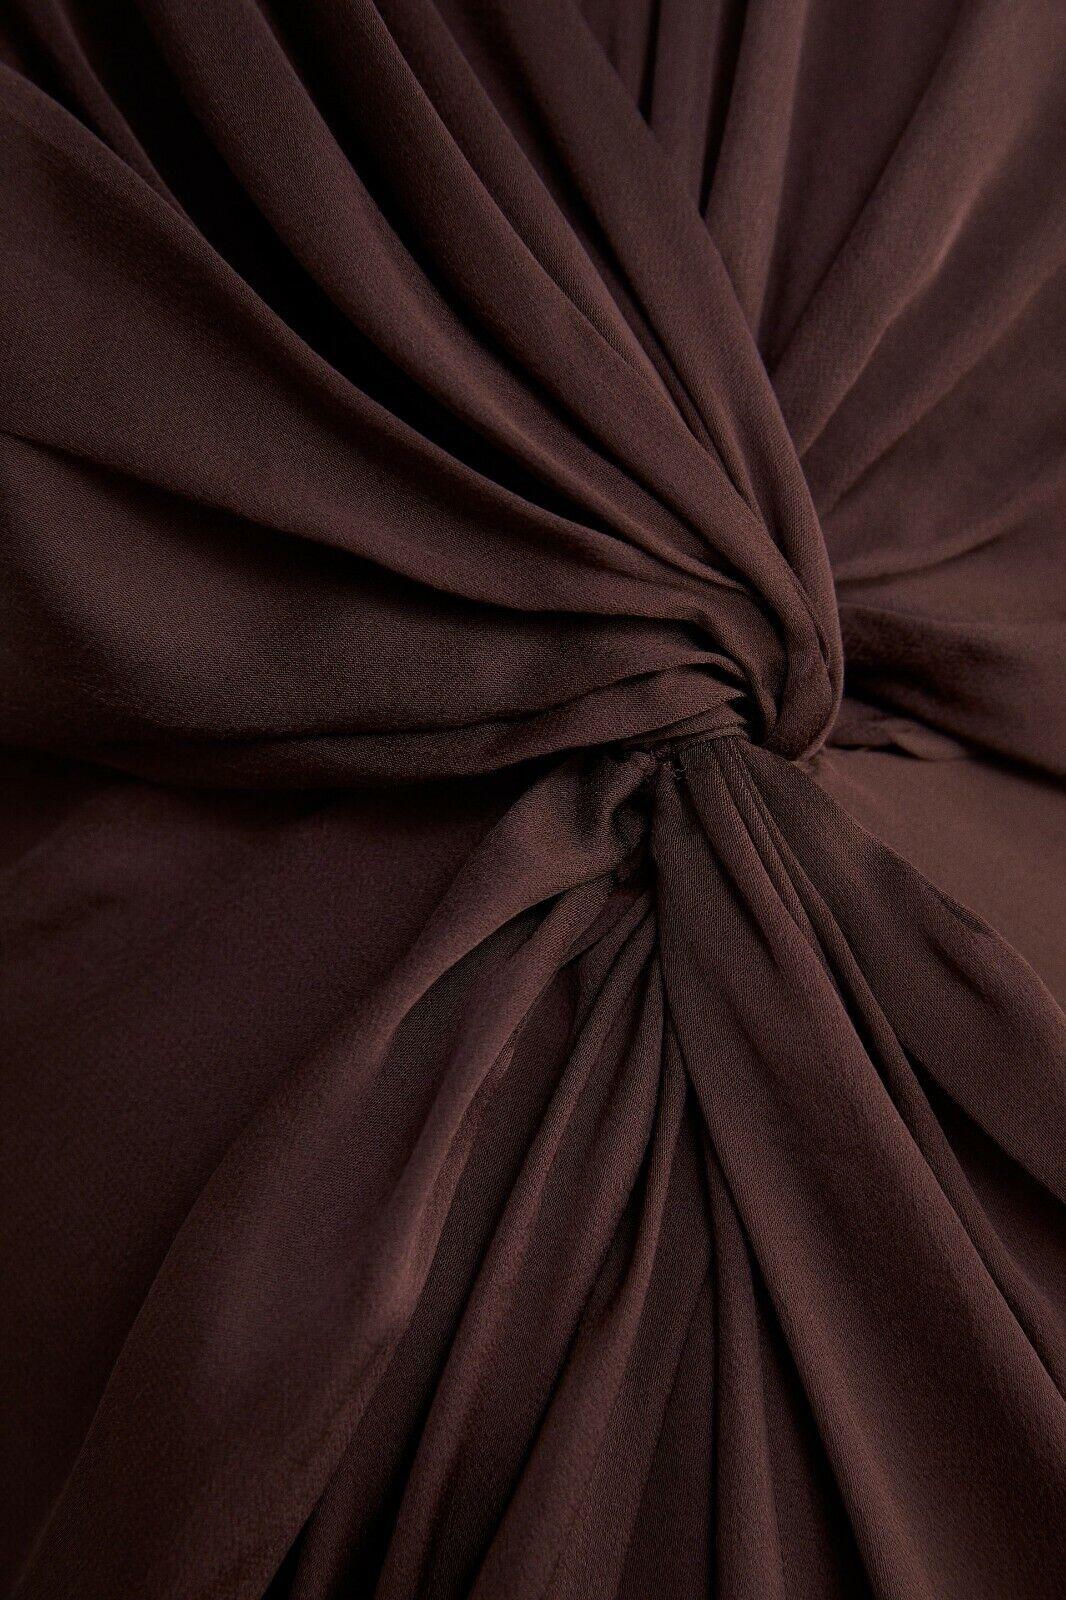 ZARA ZARA ZARA MAXIKLEID TRÄGERKLEID KLEID KNOTEN STRAPPY KNOTTED LONG DRESS Größe M L | Wirtschaft  | Erschwinglich  | Zu einem erschwinglichen Preis  326a41